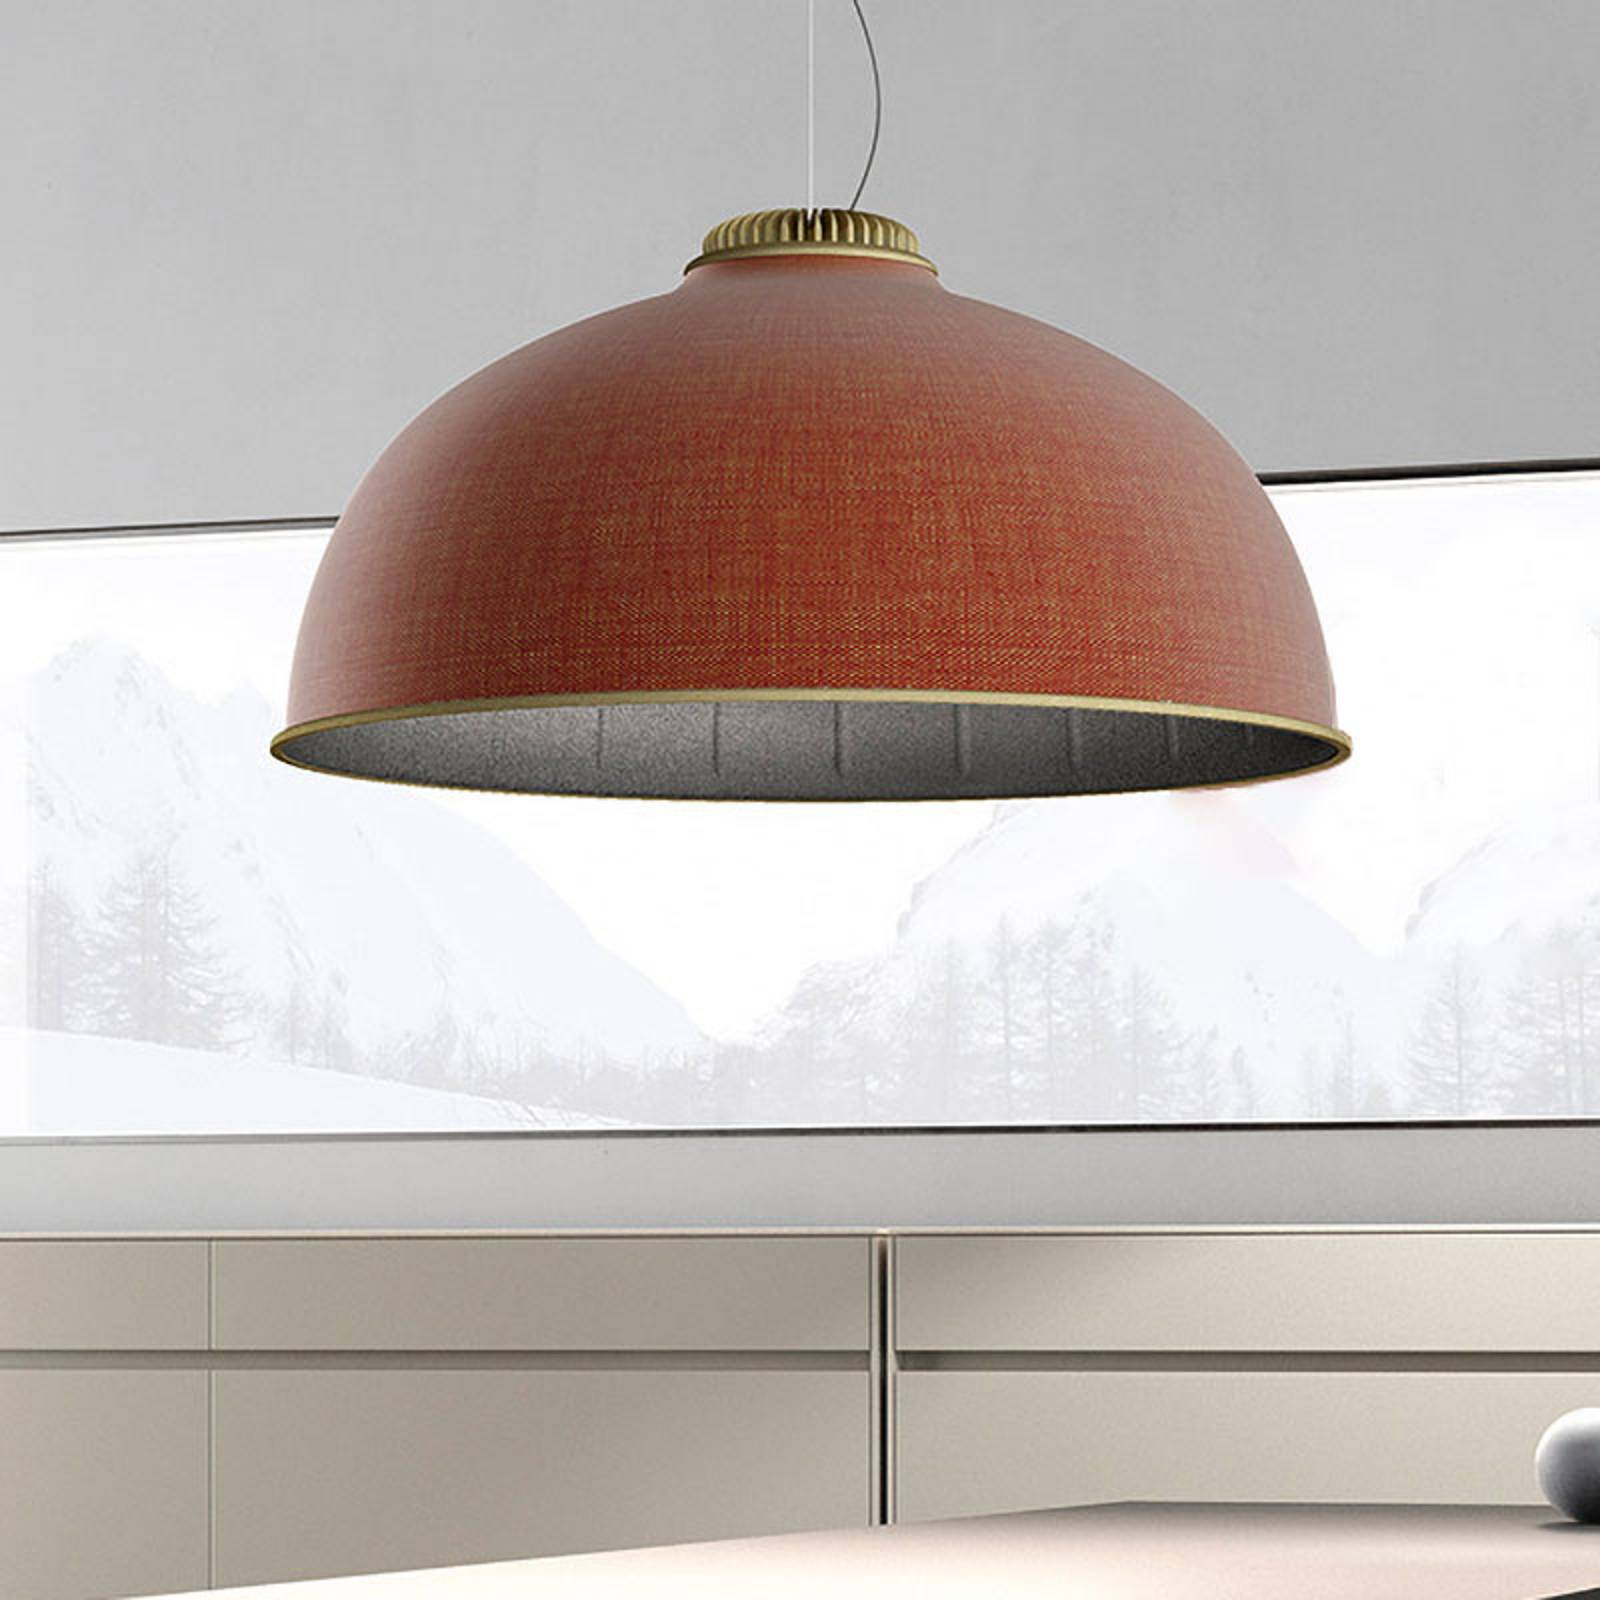 Luceplan Farel LED-riippuvalaisin varjostin ruoste